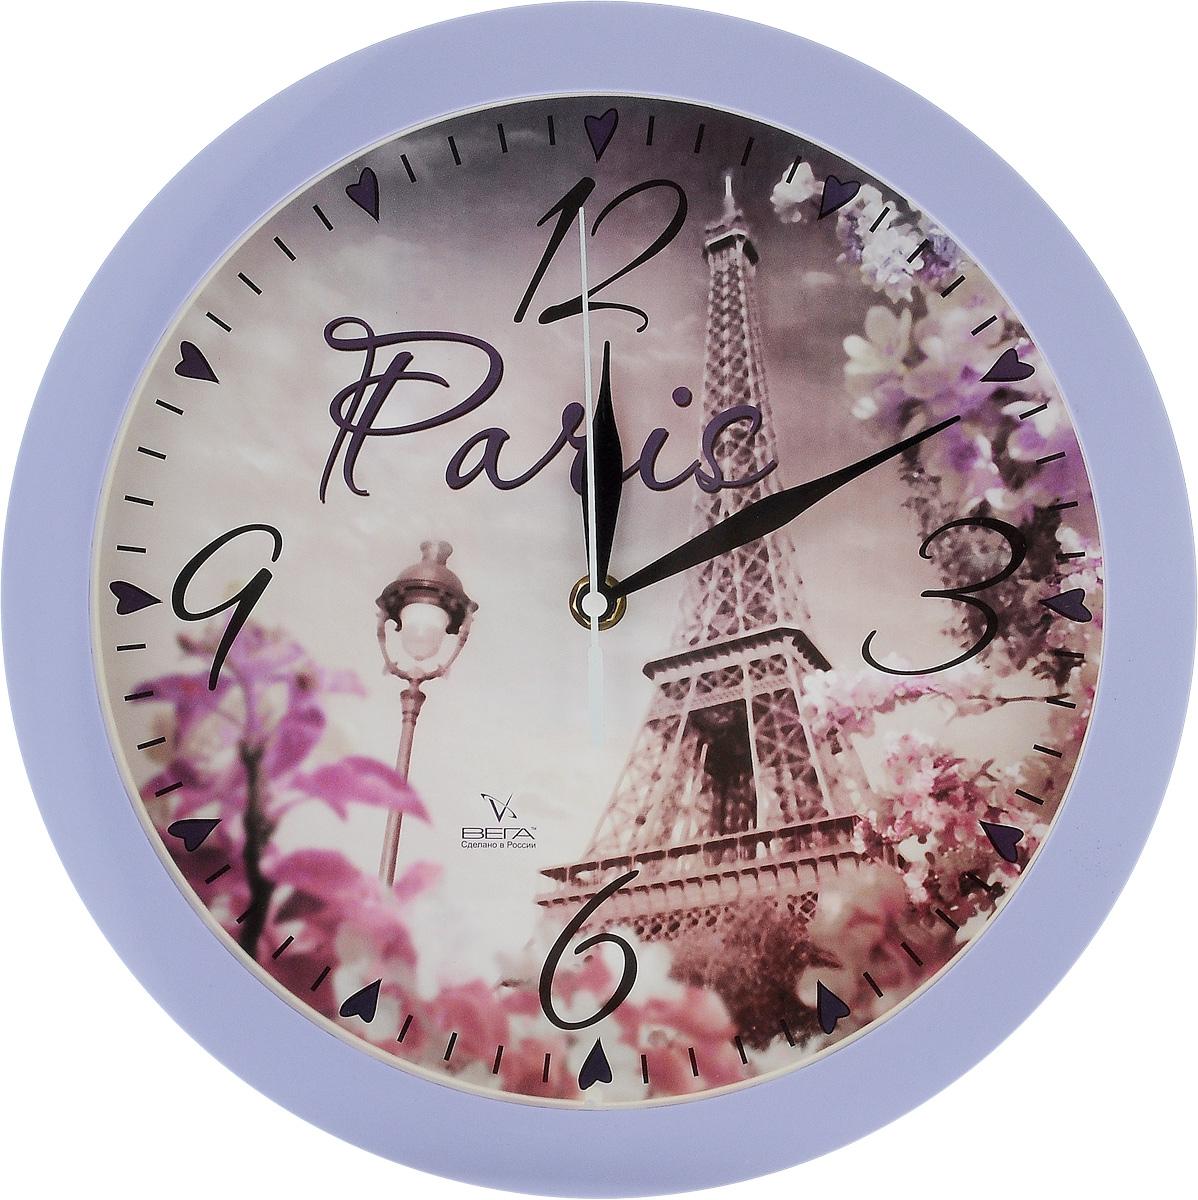 Часы настенные Вега Париж, диаметр 28,5 смП1-13/7-213Настенные кварцевые часы Вега Париж, изготовленные из пластика, прекрасно впишутся в интерьер вашего дома. Часы имеют три стрелки: часовую, минутную и секундную, циферблат защищен прозрачным стеклом. Часы работают от 1 батарейки типа АА напряжением 1,5 В (не входит в комплект). Прилагается инструкция по эксплуатации.